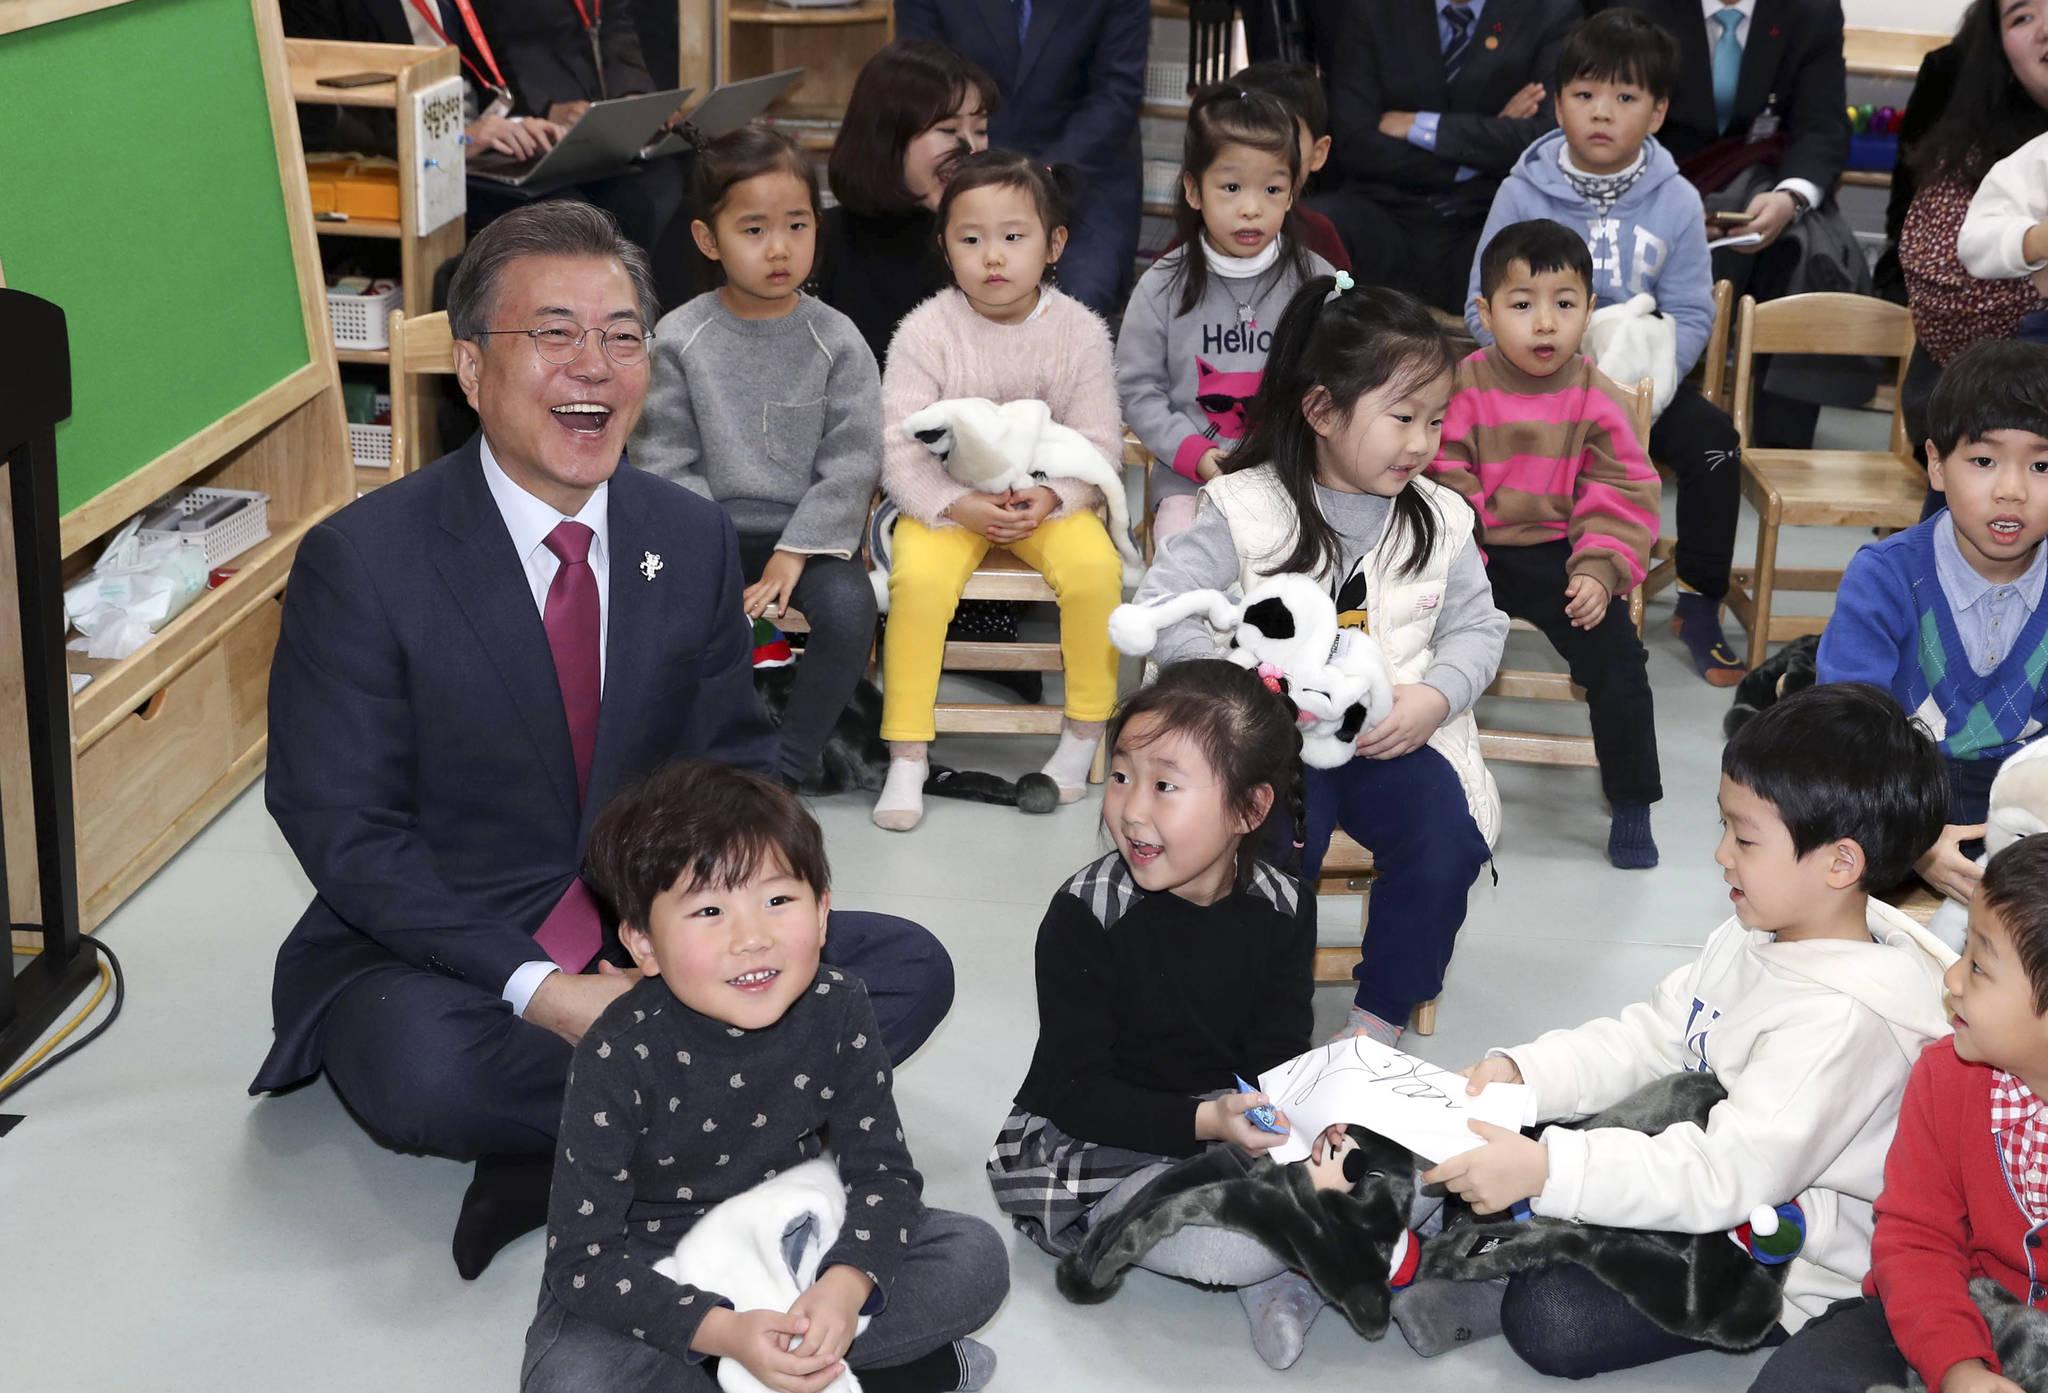 문재인 대통령이 1월 24일 서울 도봉구 한그루 어린이집에서 열린 '유아 보육교육과 저출산 문제'와 관련 학부모와 보육교사의 목소리를 듣는 행사에 참석했다. 문 대통령이 어린이들과 마술공연을 관람하고 있다. 김상선 기자